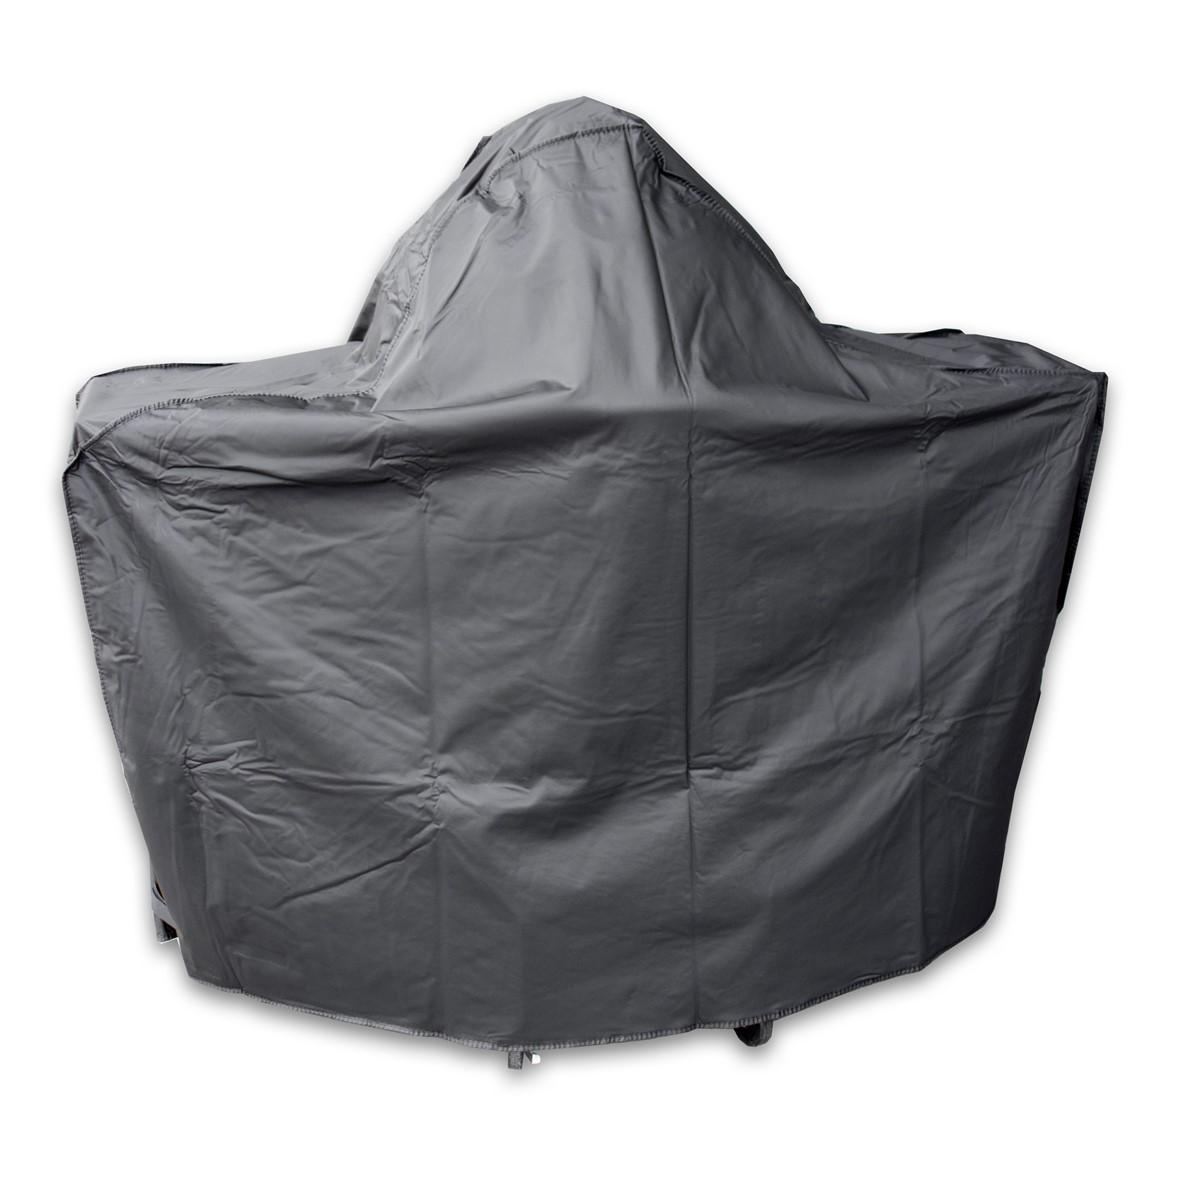 Blaze Kamado Cart Cover